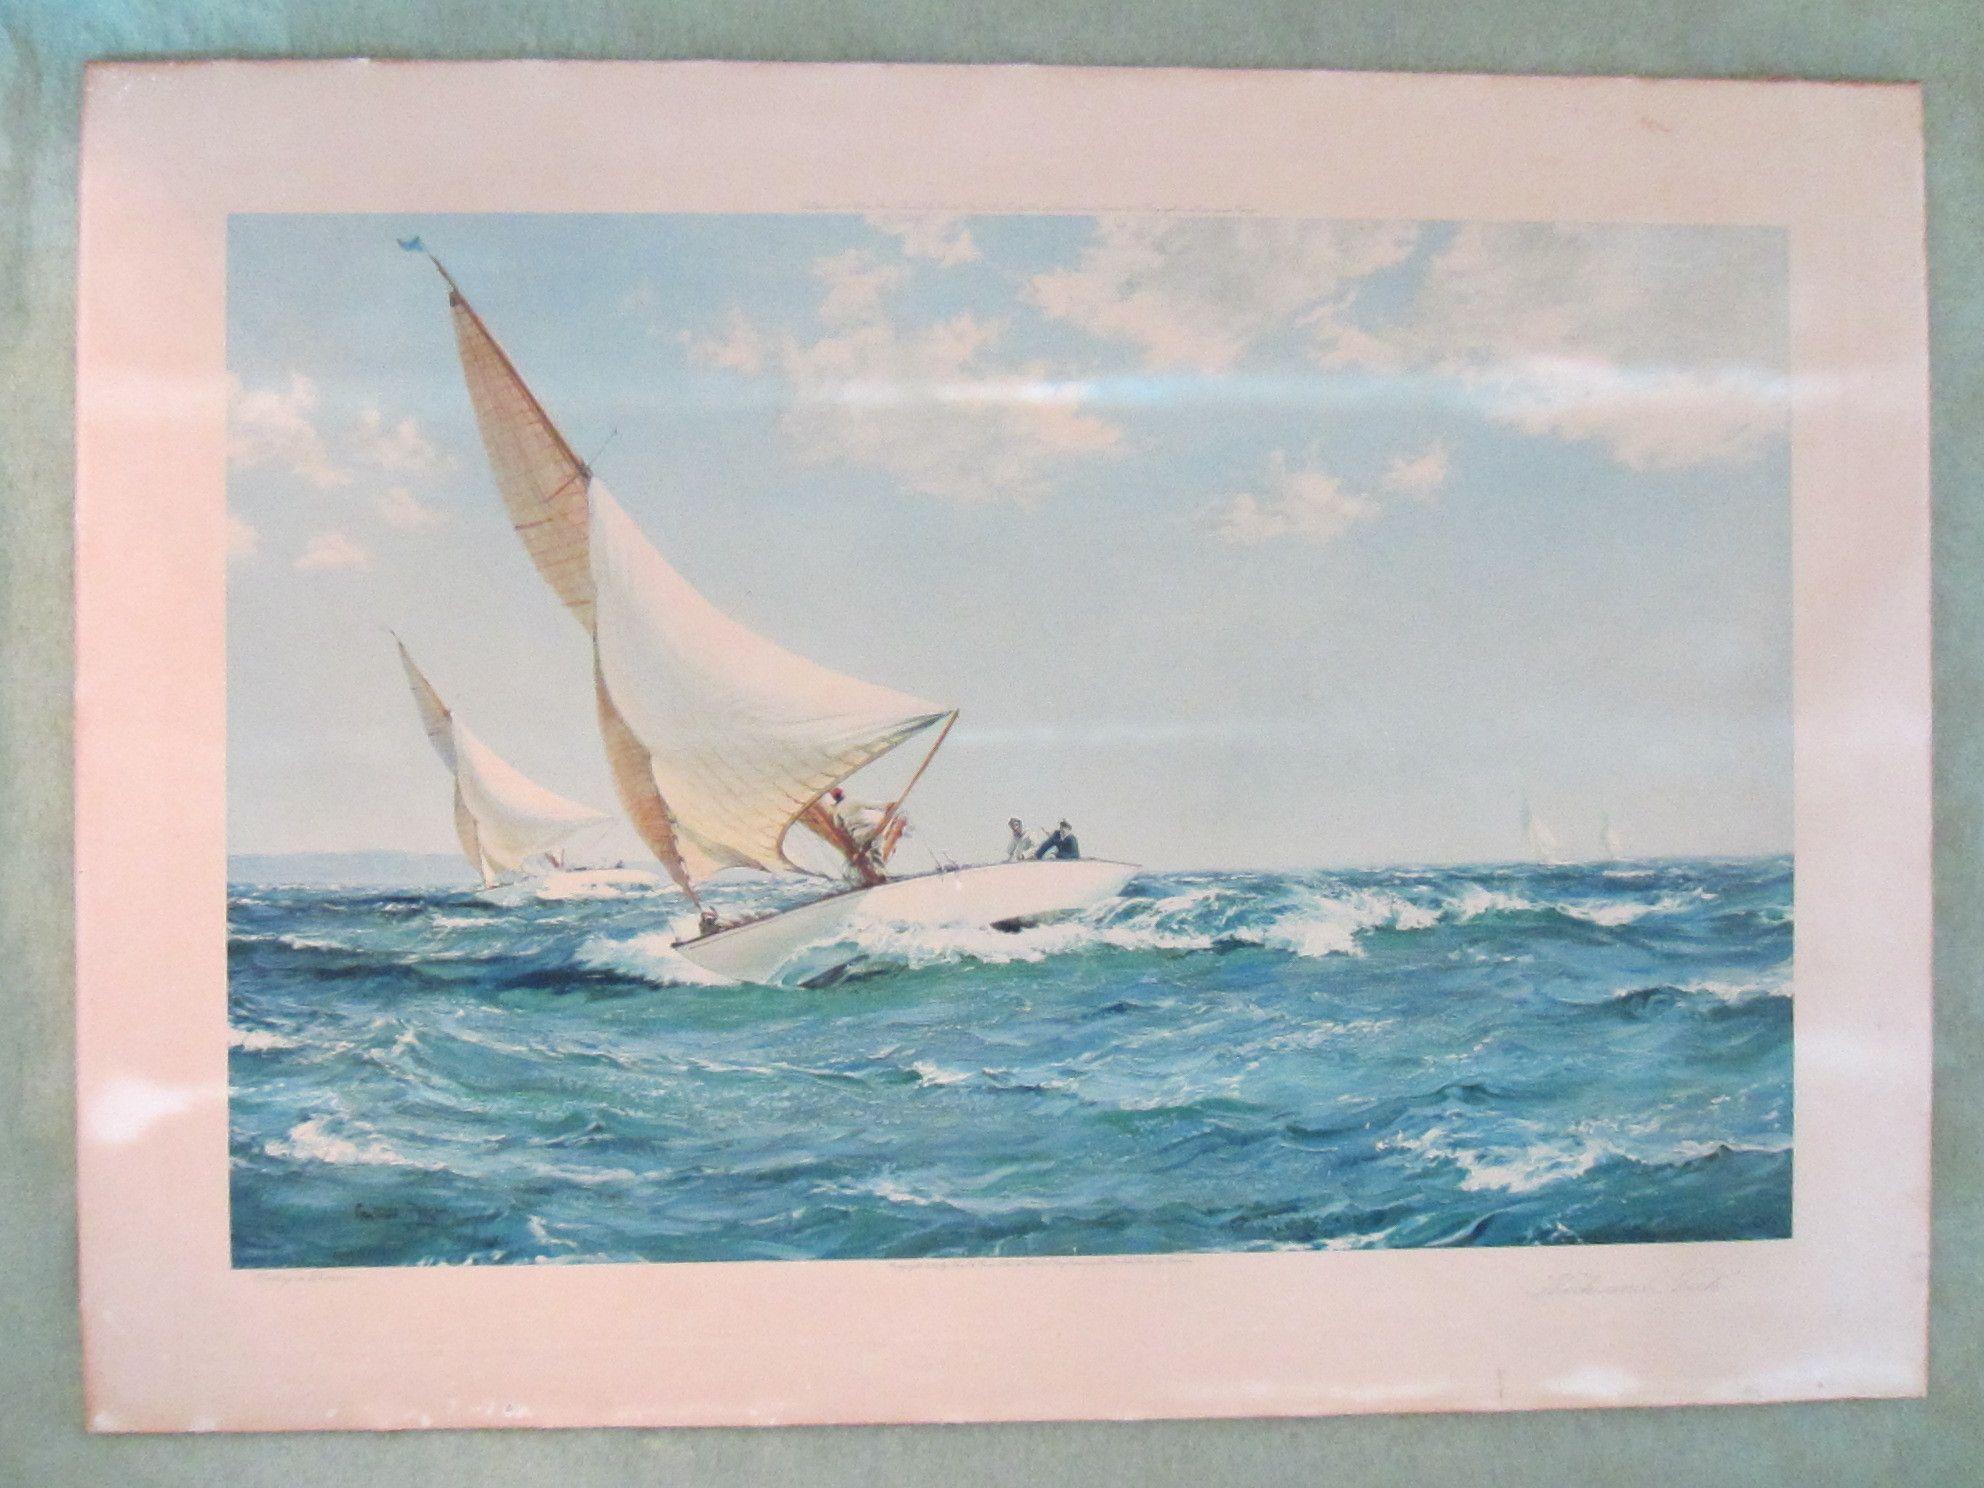 Montague Dawson Seascape English Lithograph Circa 1935 Original Frame